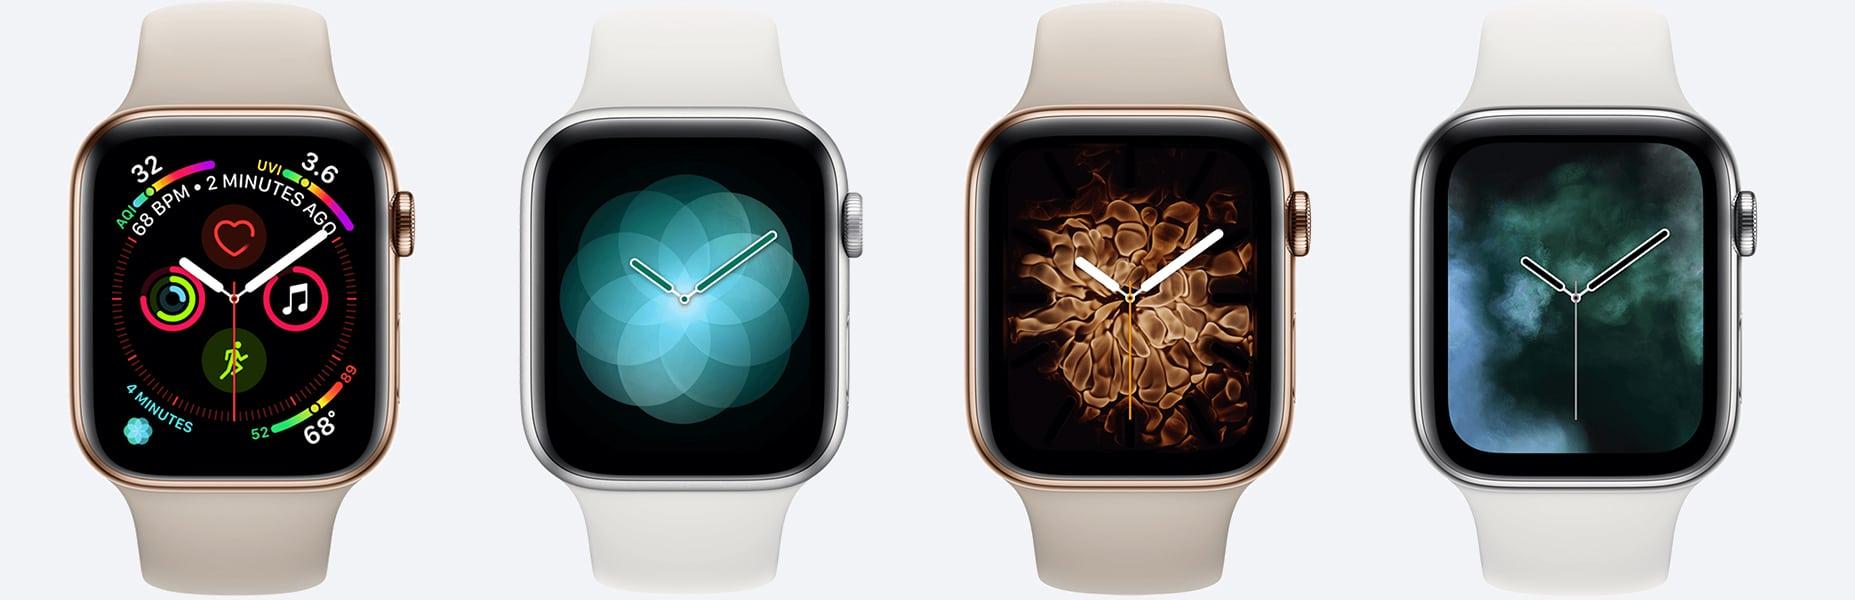 apple_watch5_alan-yerler.jpg